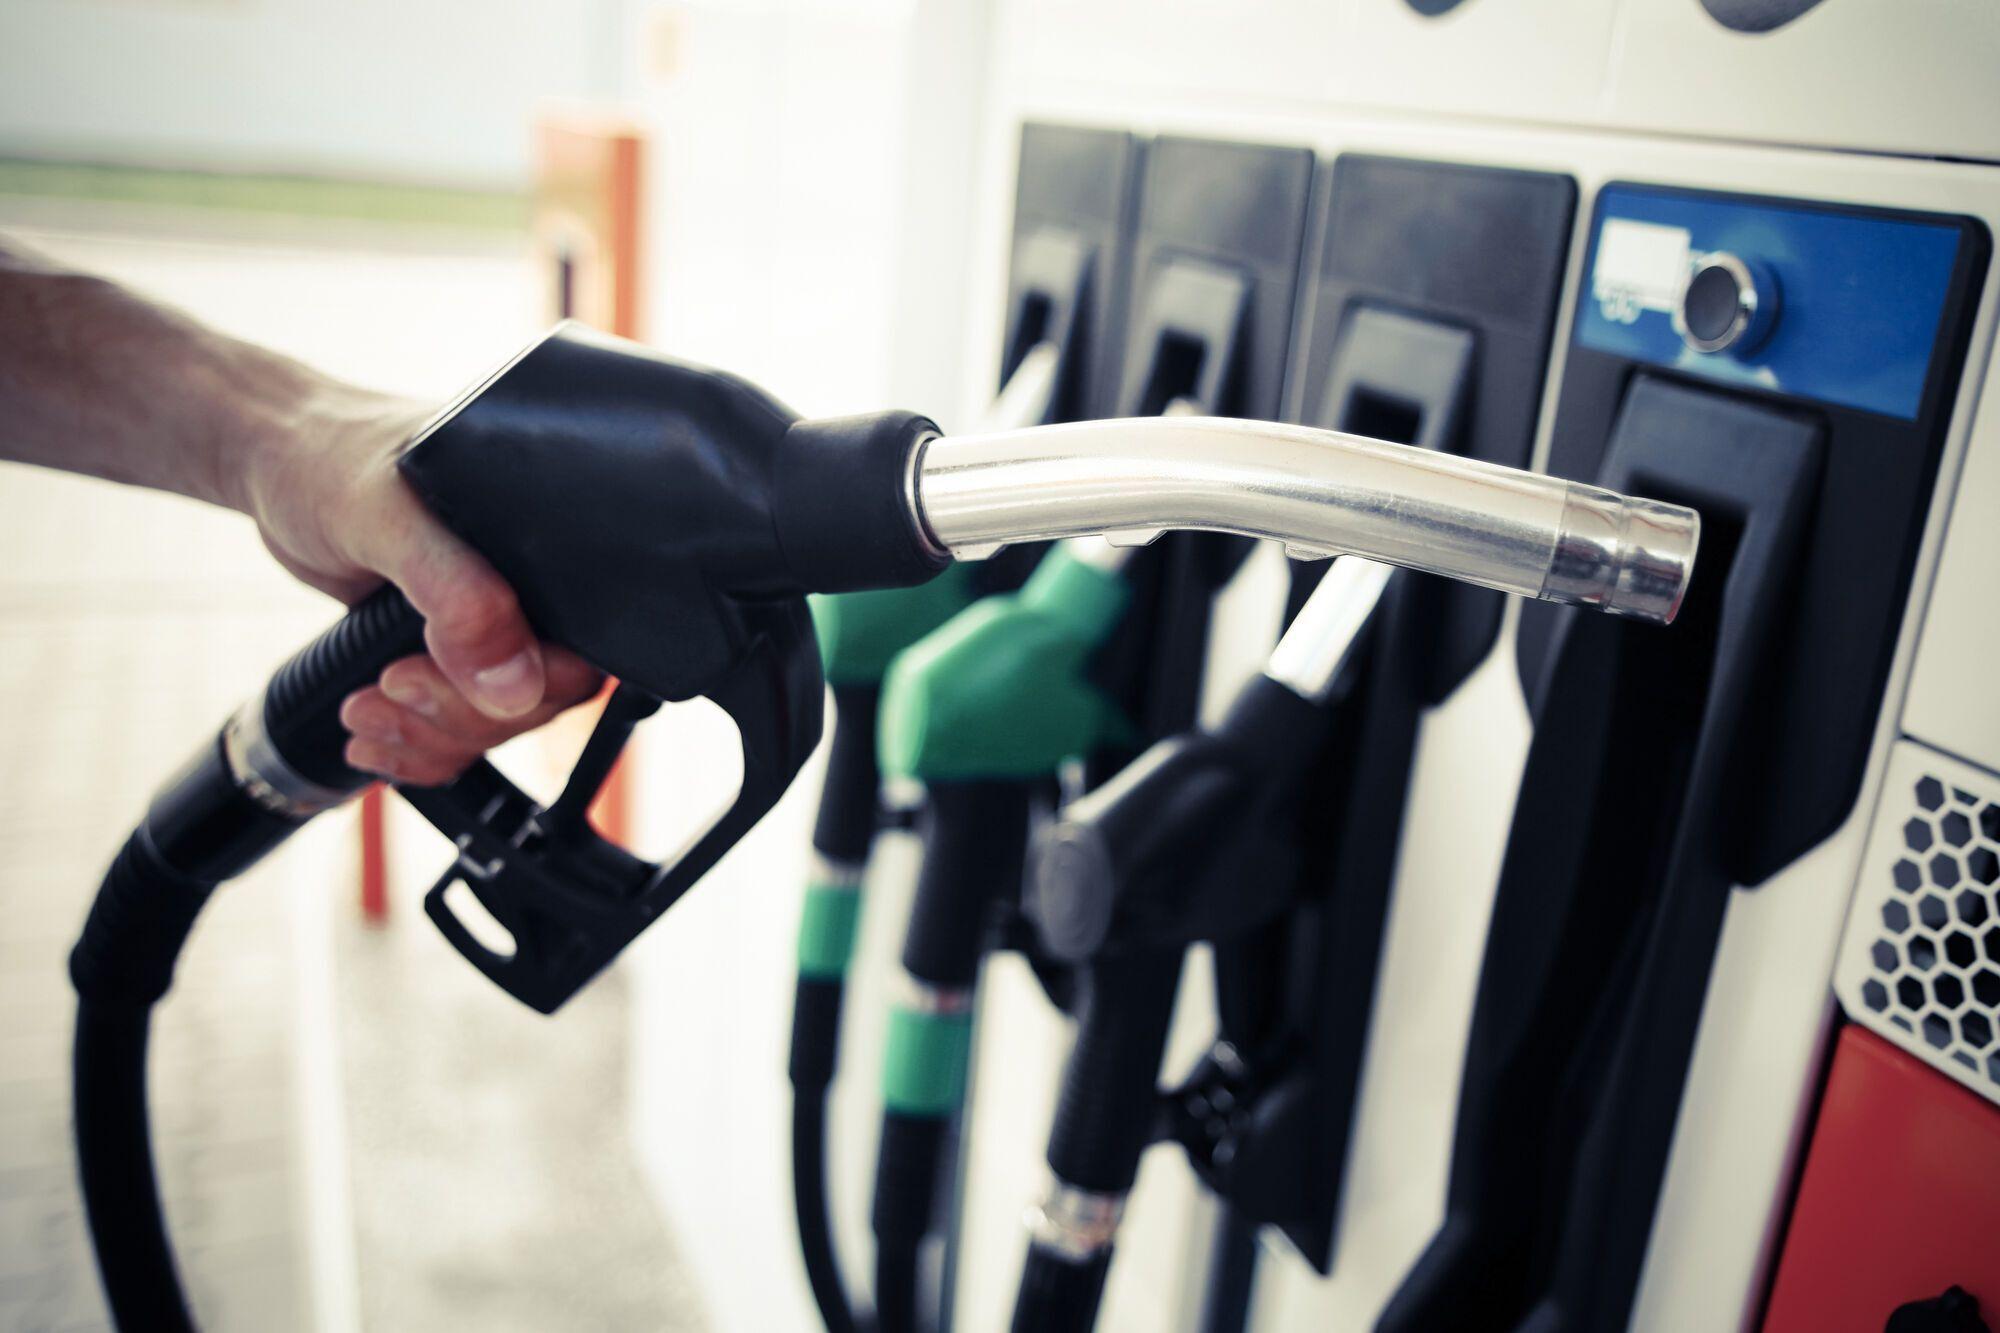 Якість бензину А-95 в Україні найчастіше відповідає нормам, але є нюанси.